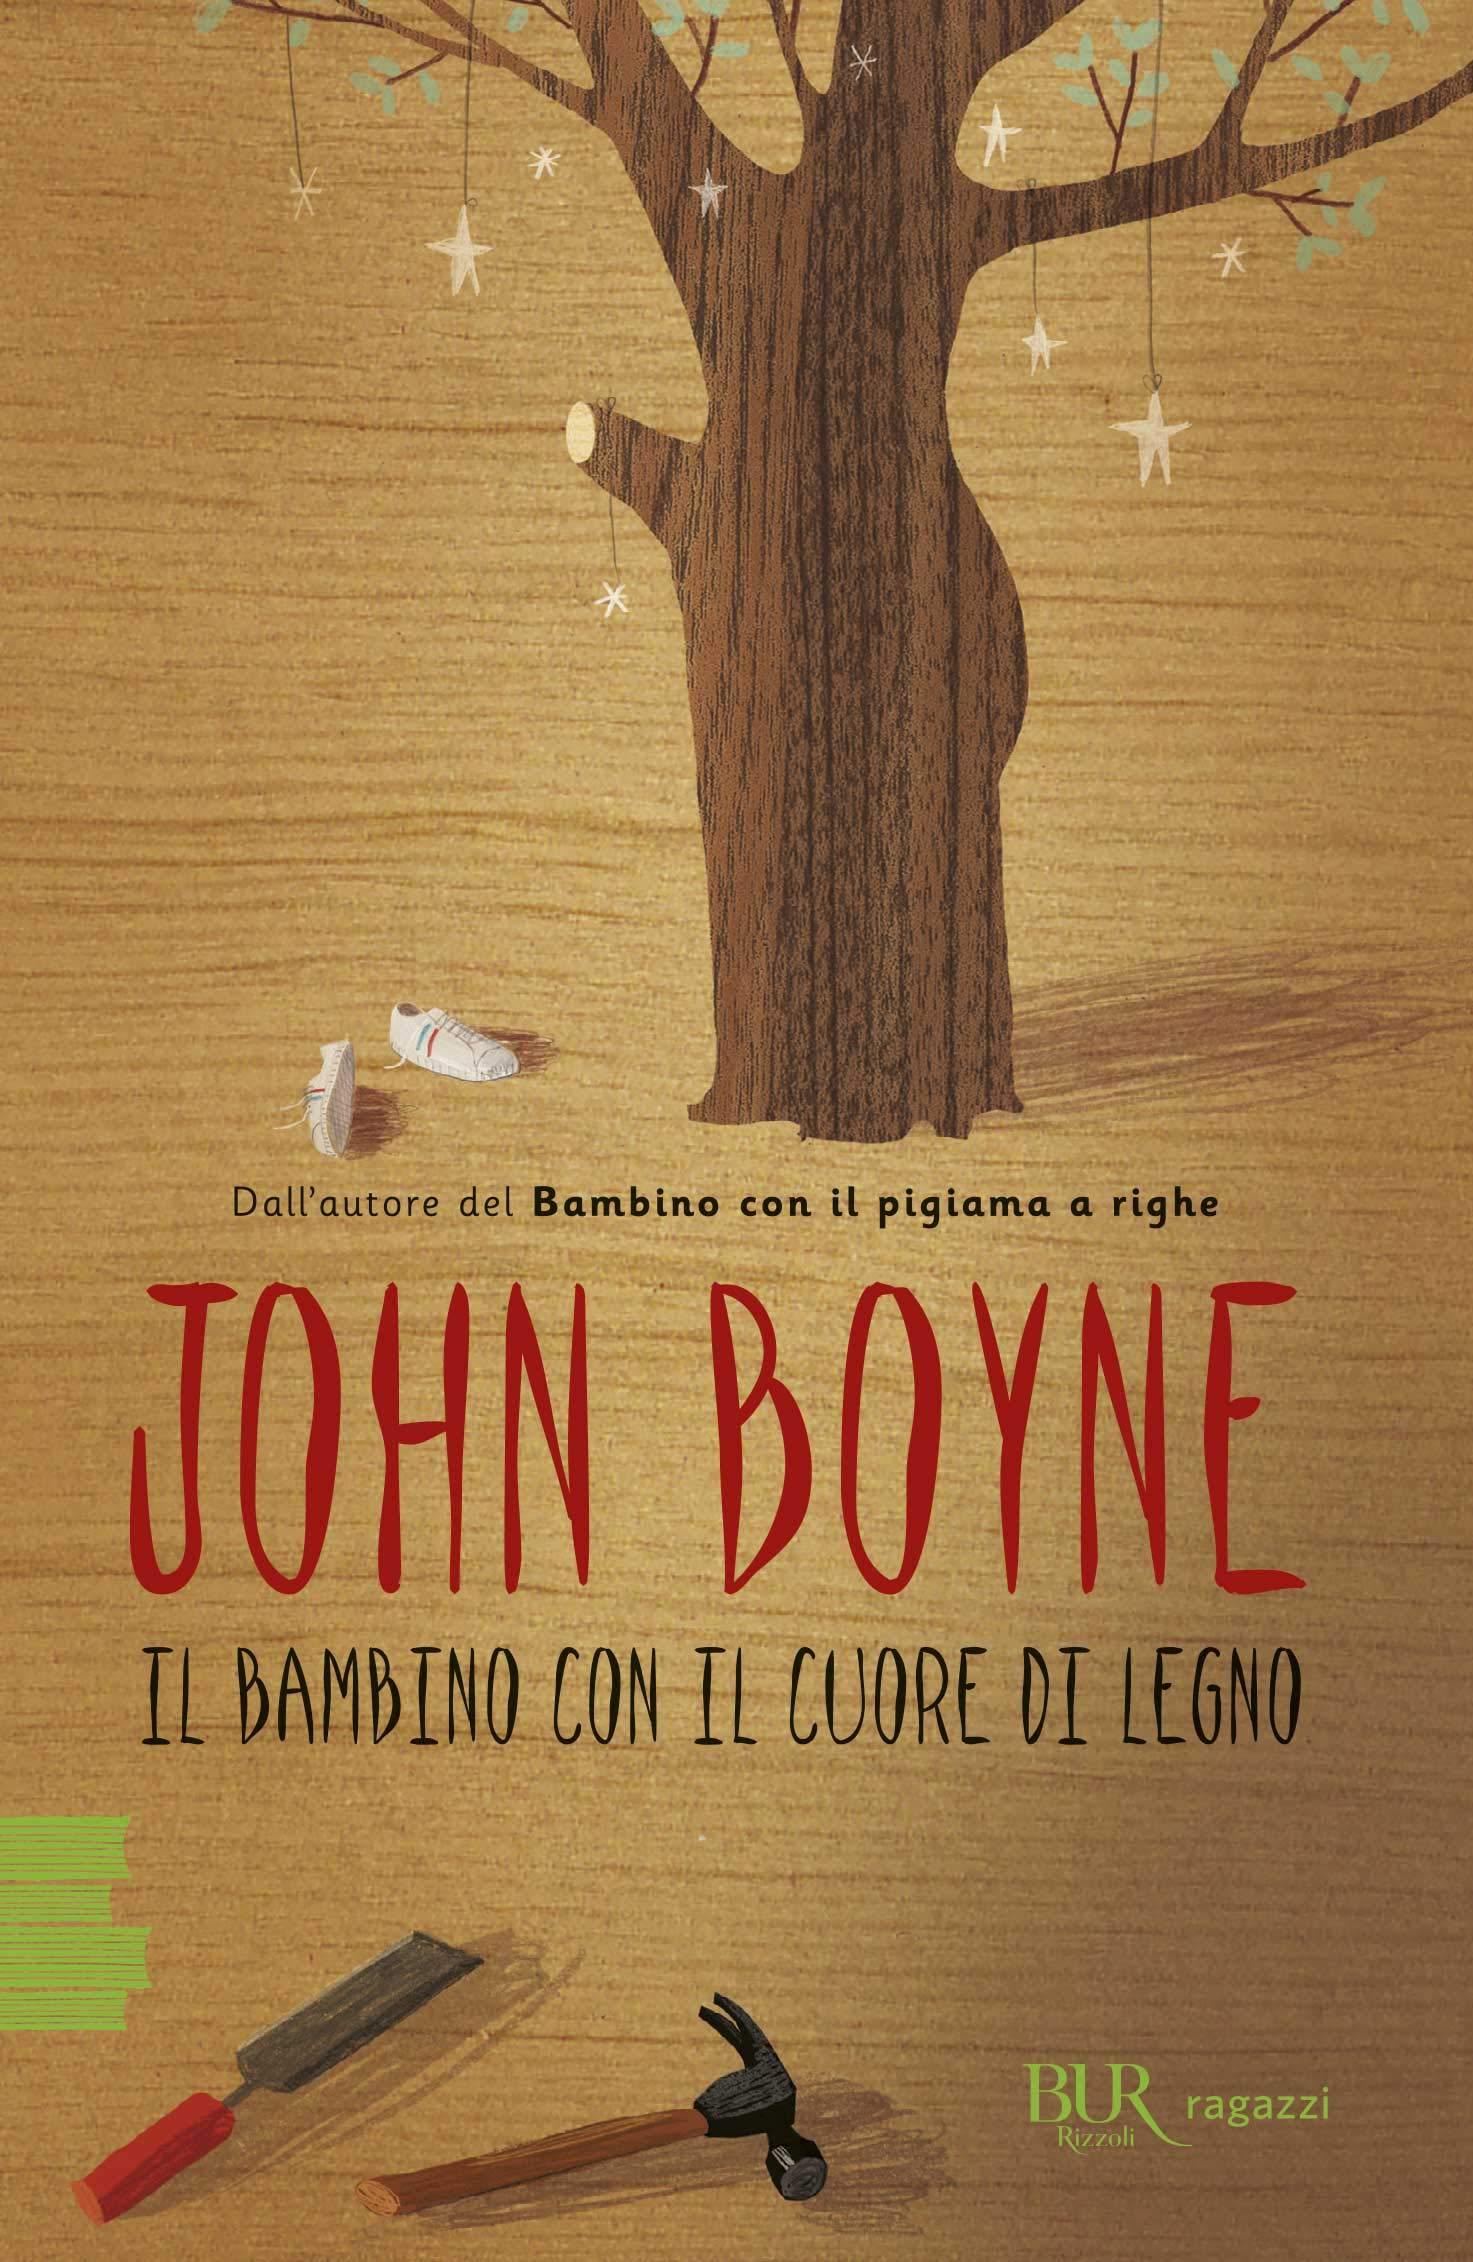 Amazon.it: Il bambino con il cuore di legno - Boyne, John, Jeffers, O., Di  Mella, S. - Libri